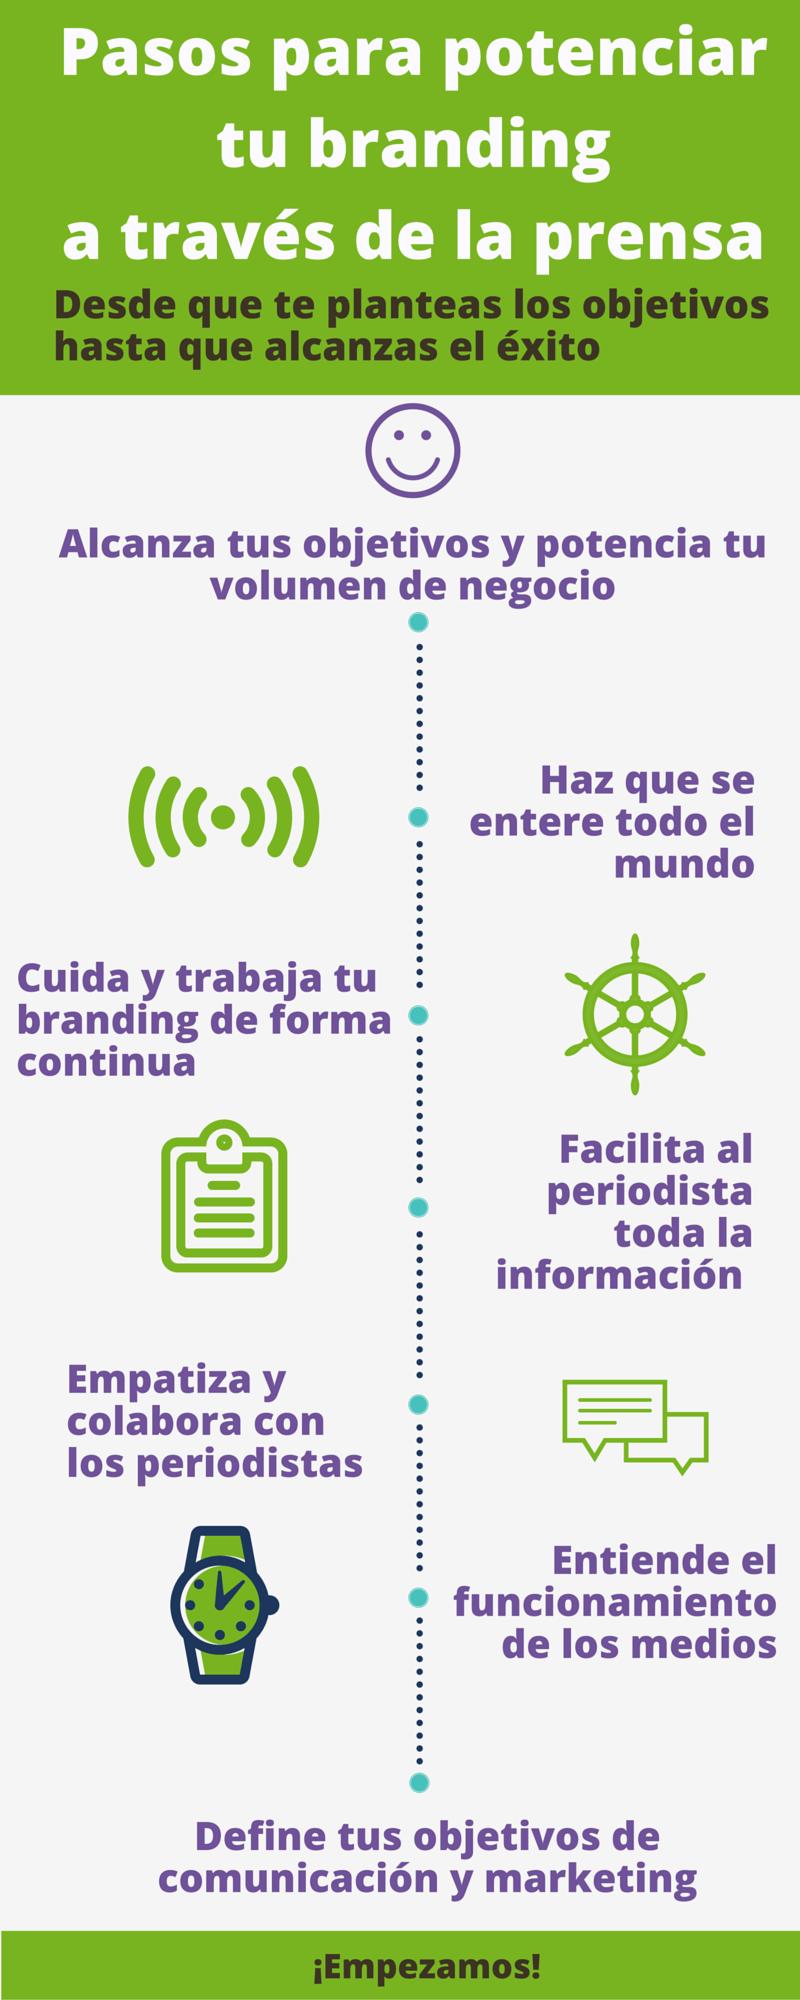 Infografía resumen